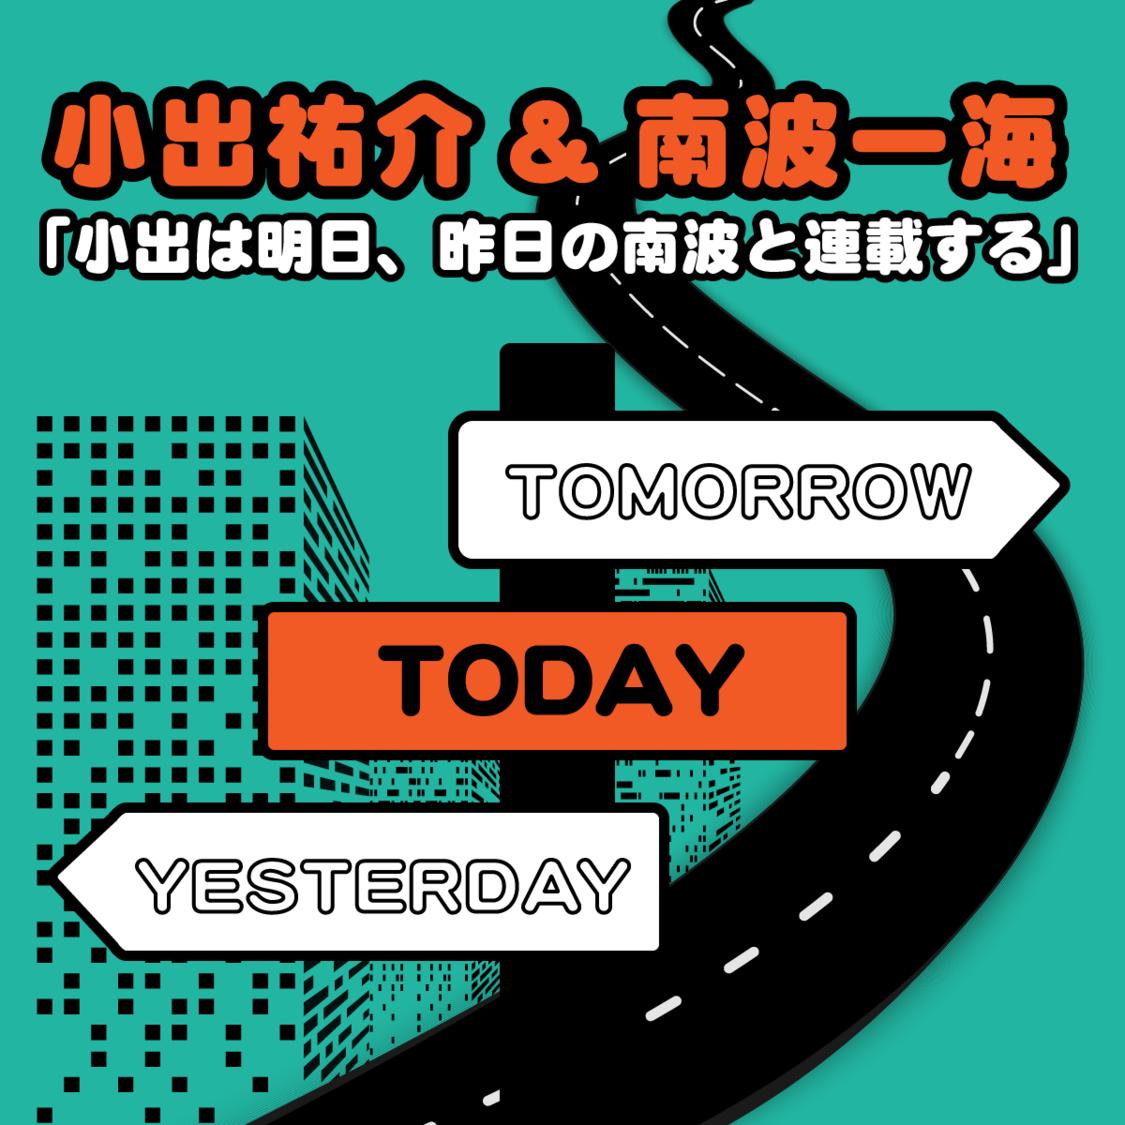 第8回:原田珠々華、南端まいな〜小出祐介&南波一海「小出は明日、昨日の南波と連載する」〜